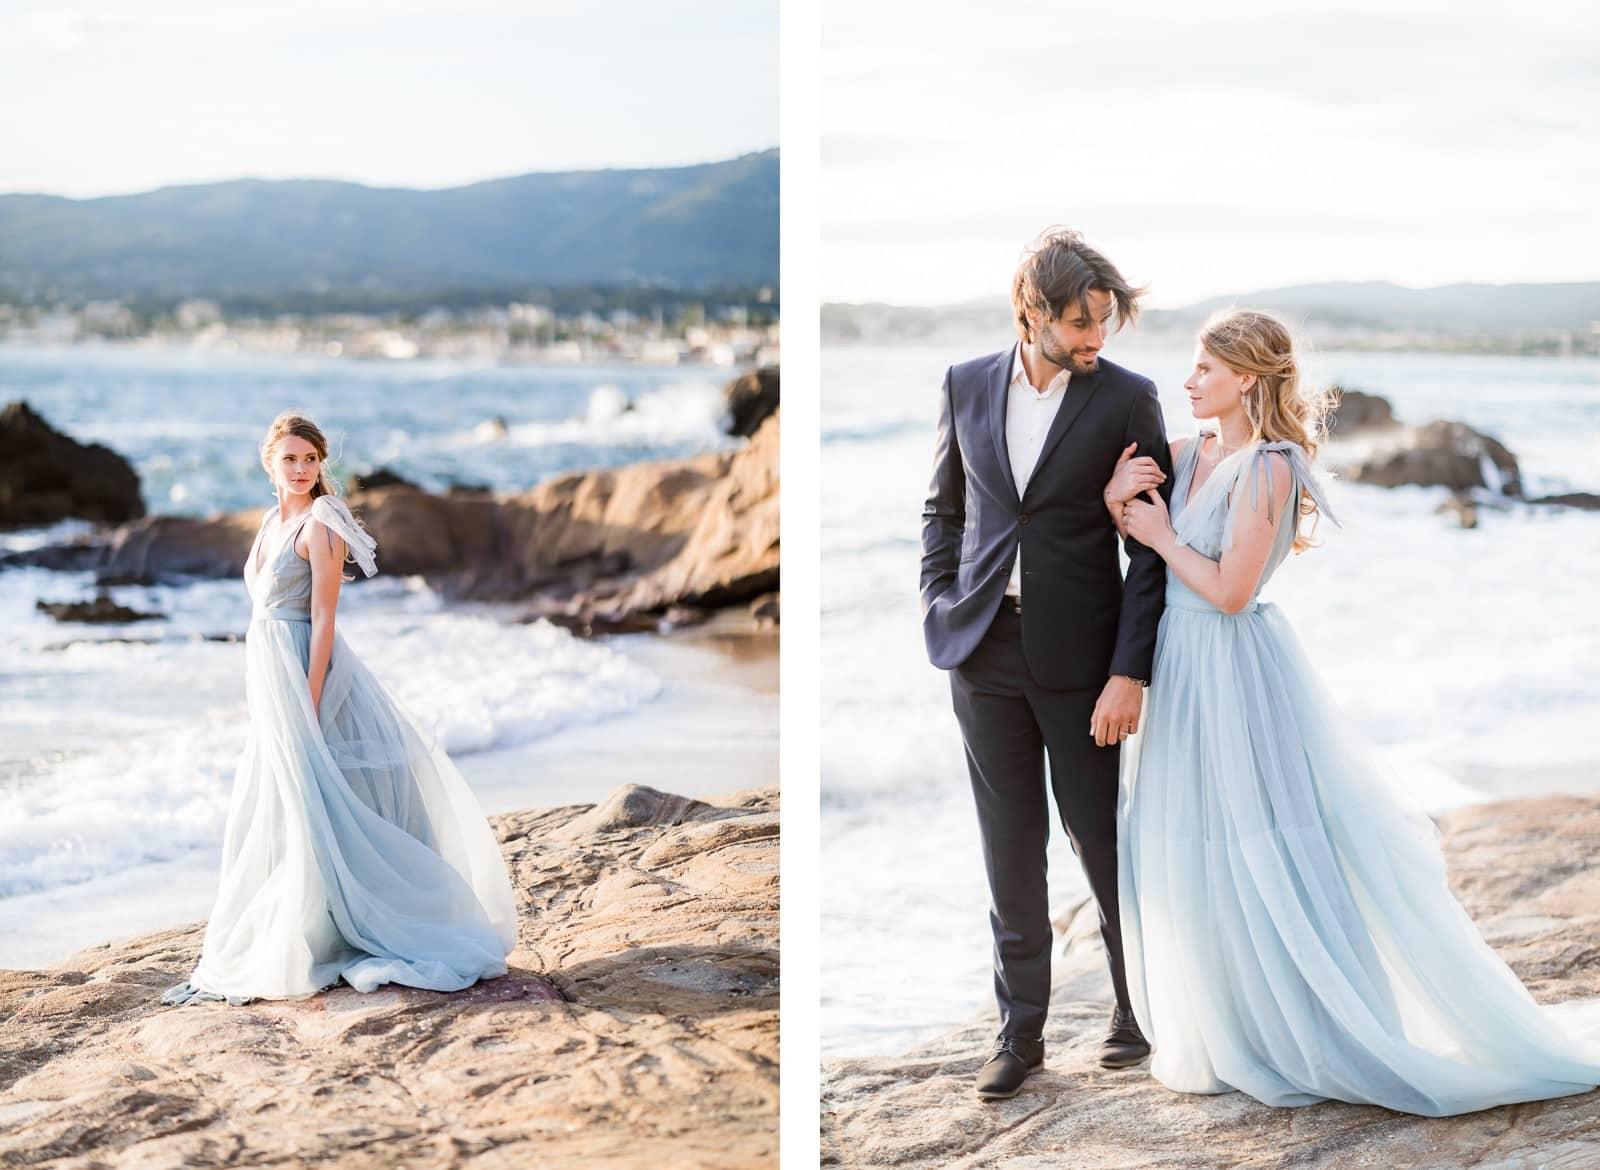 Photographie de Mathieu Dété, photographe de mariage sur l'île de la Réunion (974), présentant un couple amoureux en bord de mer